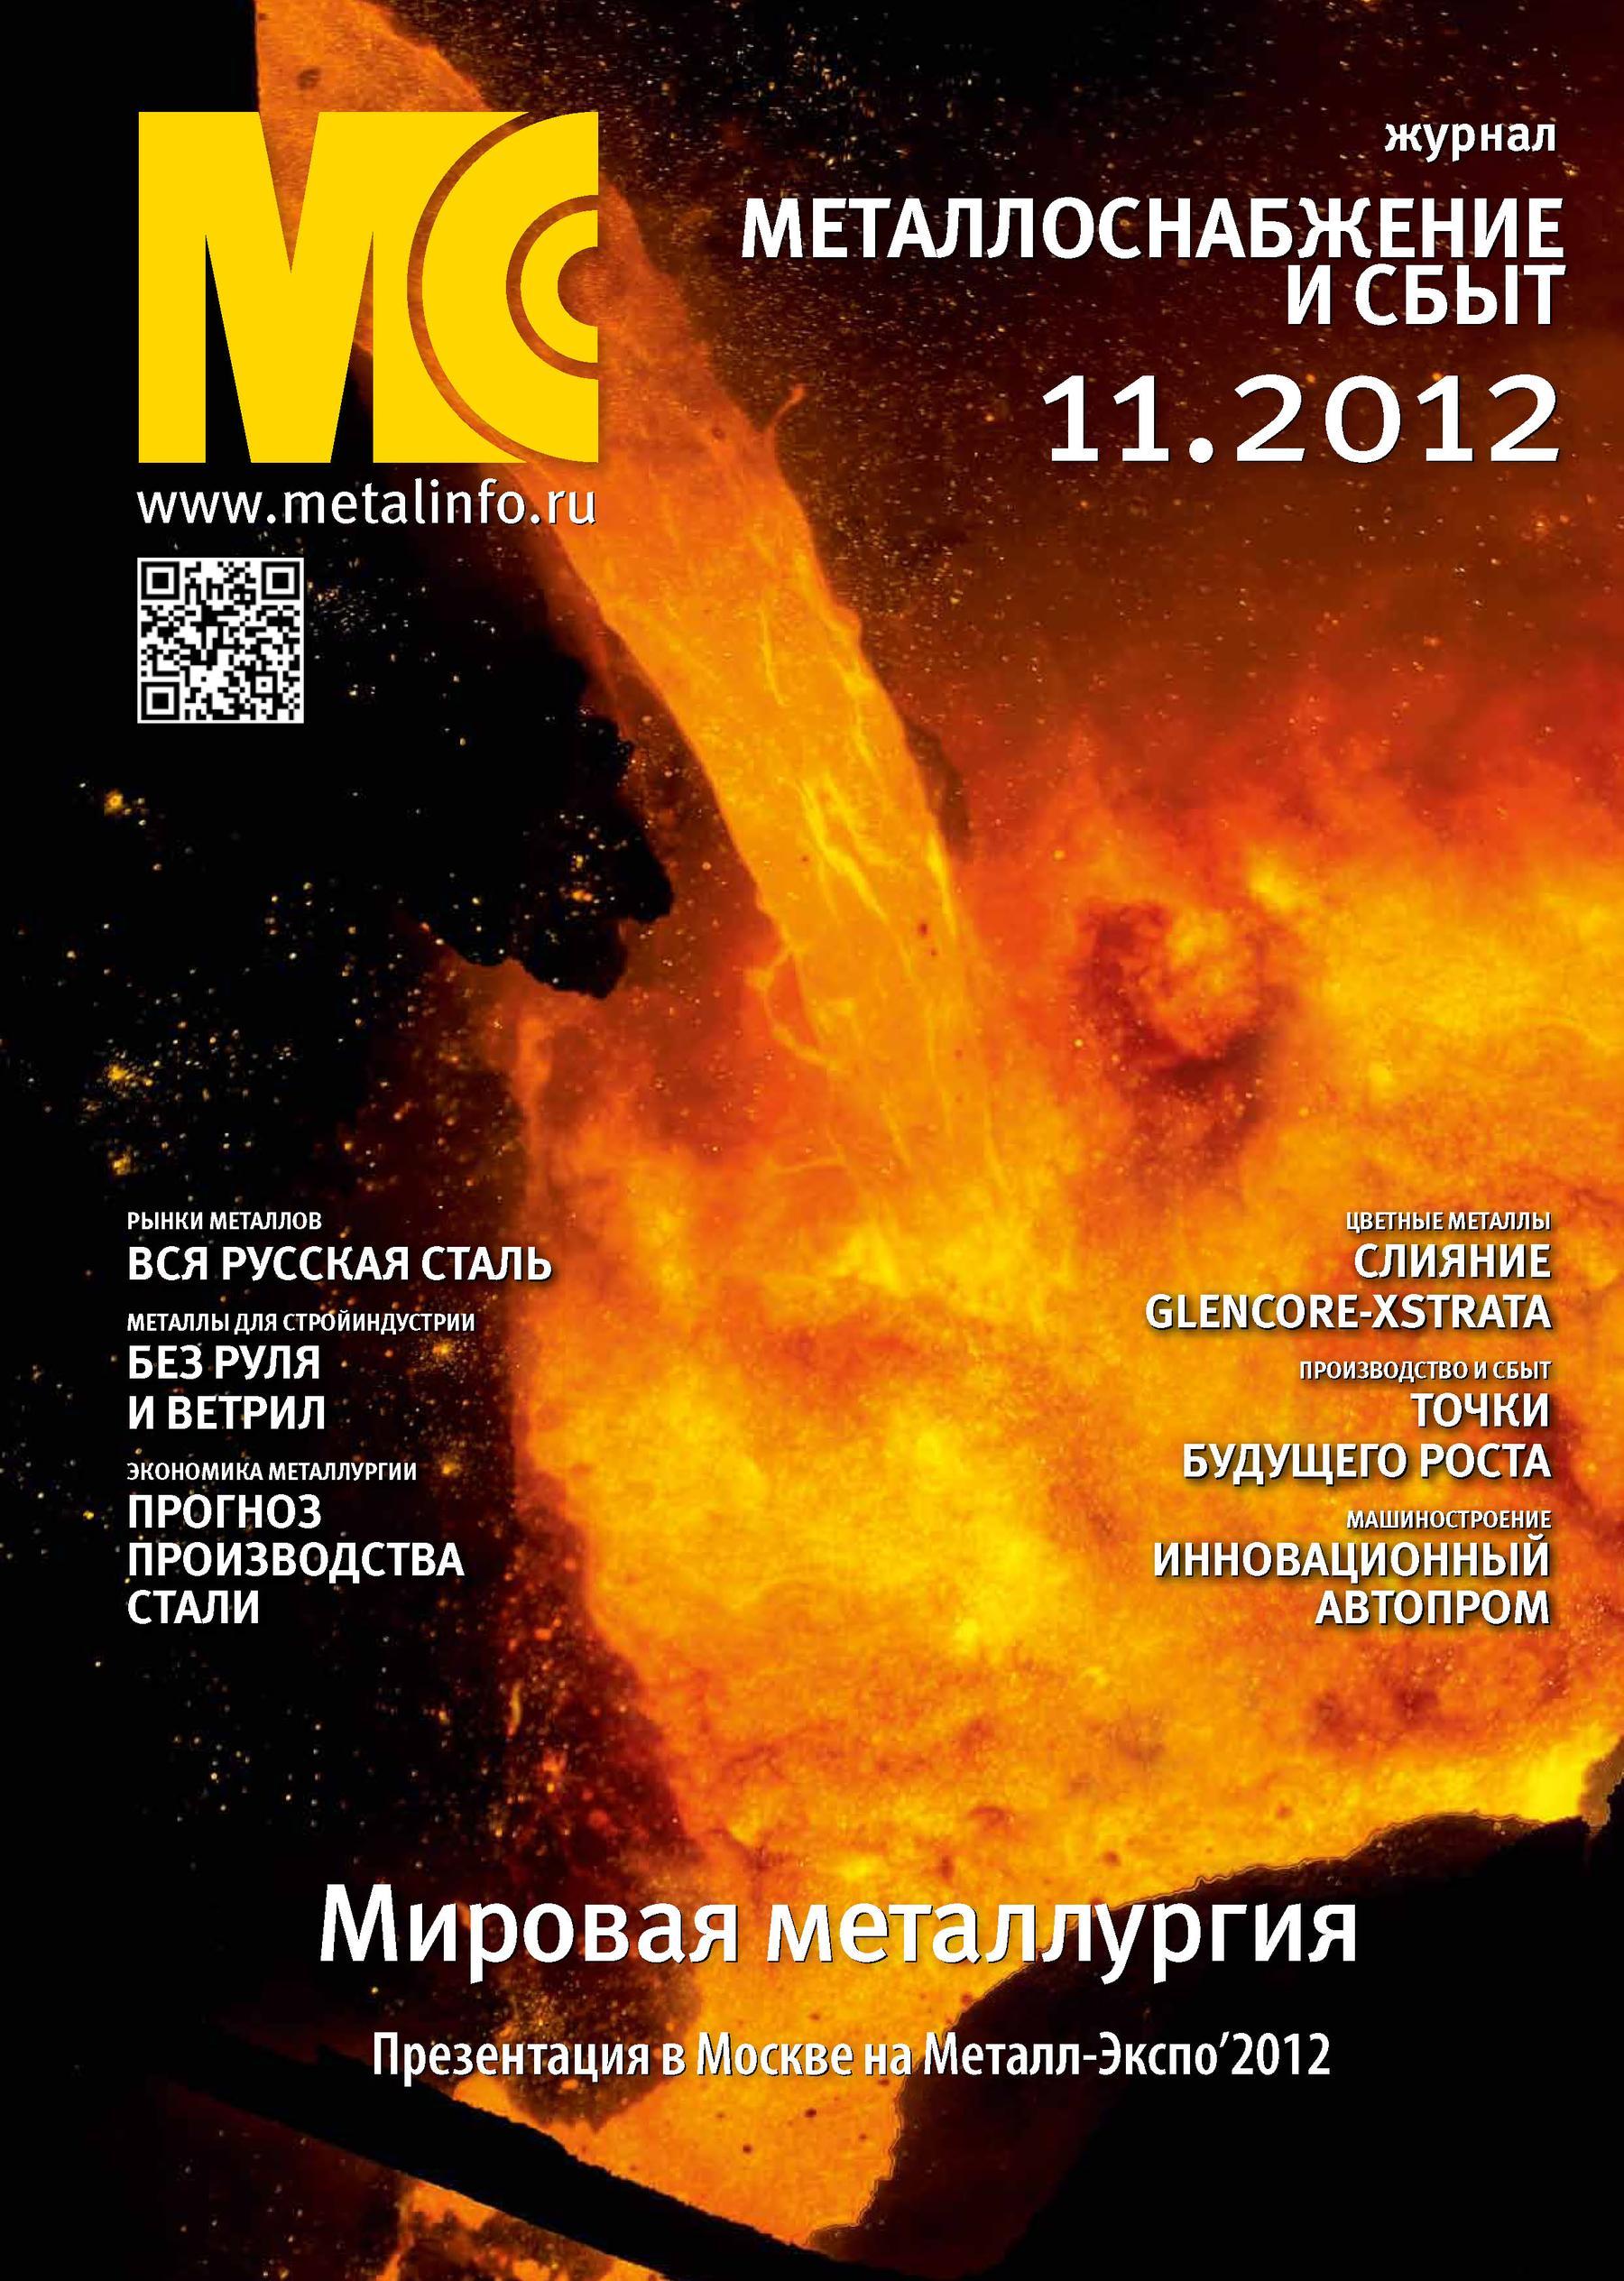 Металлоснабжение и сбыт №11/2012